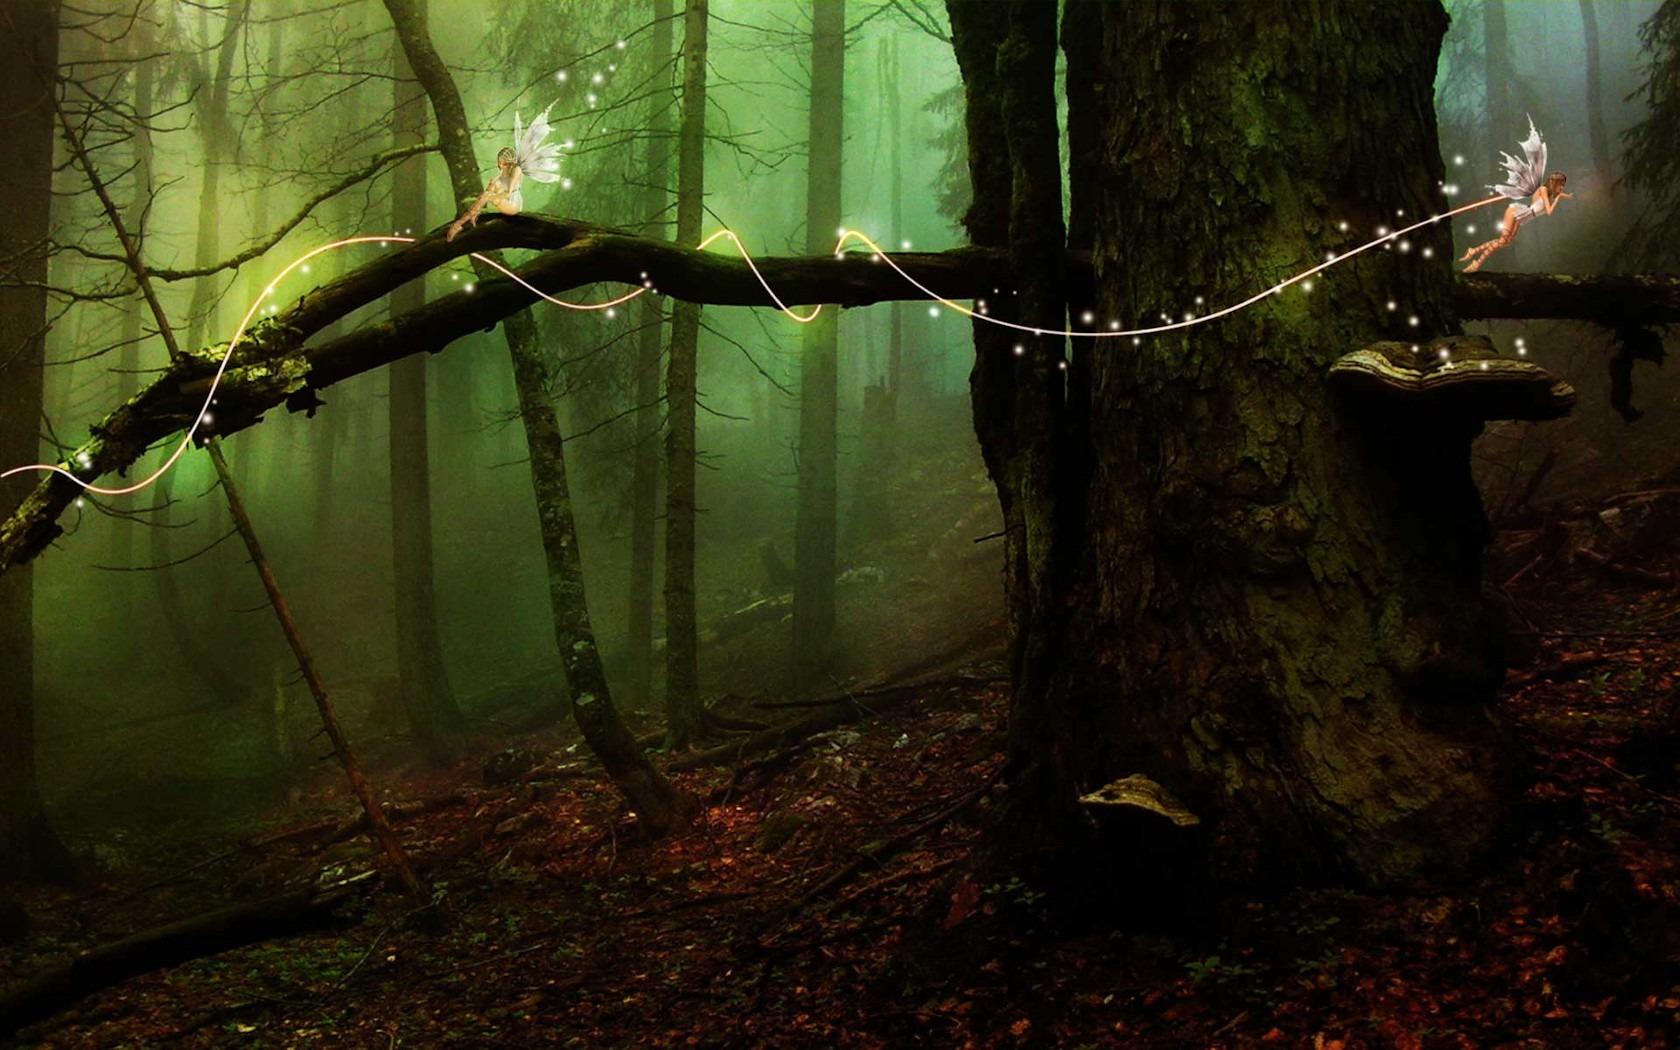 темный лес, ствол дерева, скачать фото, обои на рабочий стол